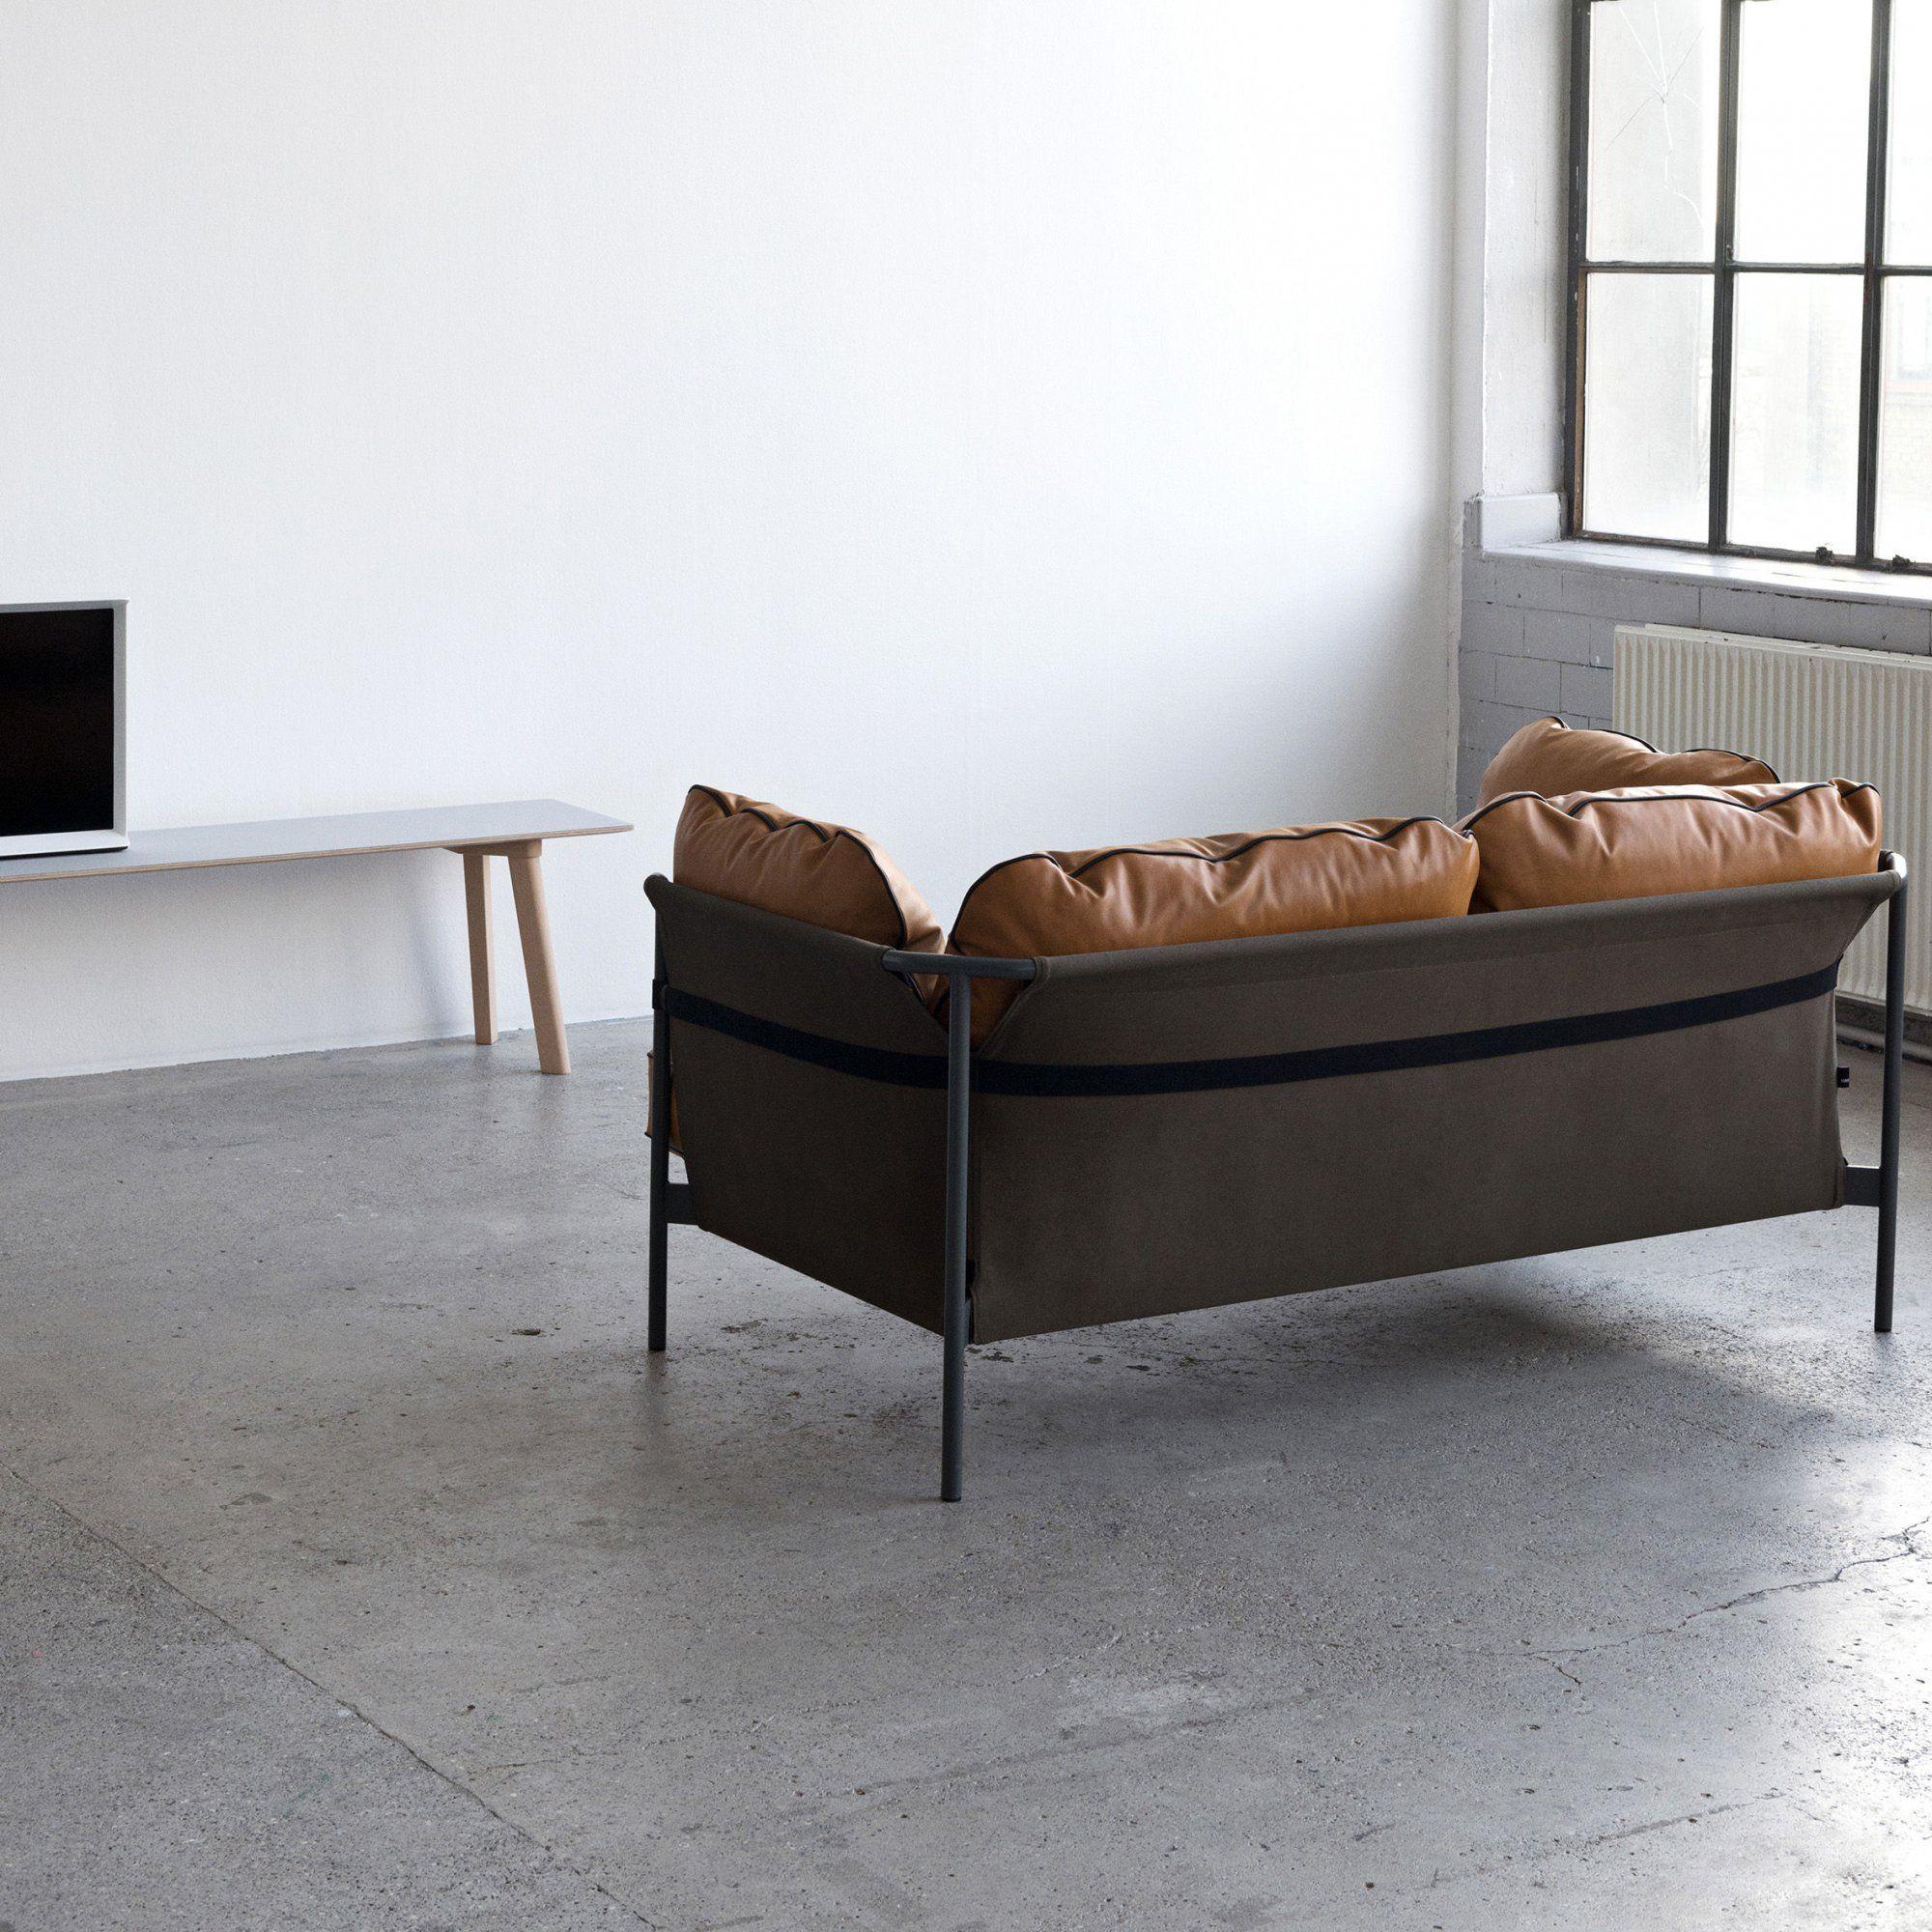 un petit canap au look urbain hay droit deux places avec coussins d 39 asisse en cuir camel pour. Black Bedroom Furniture Sets. Home Design Ideas